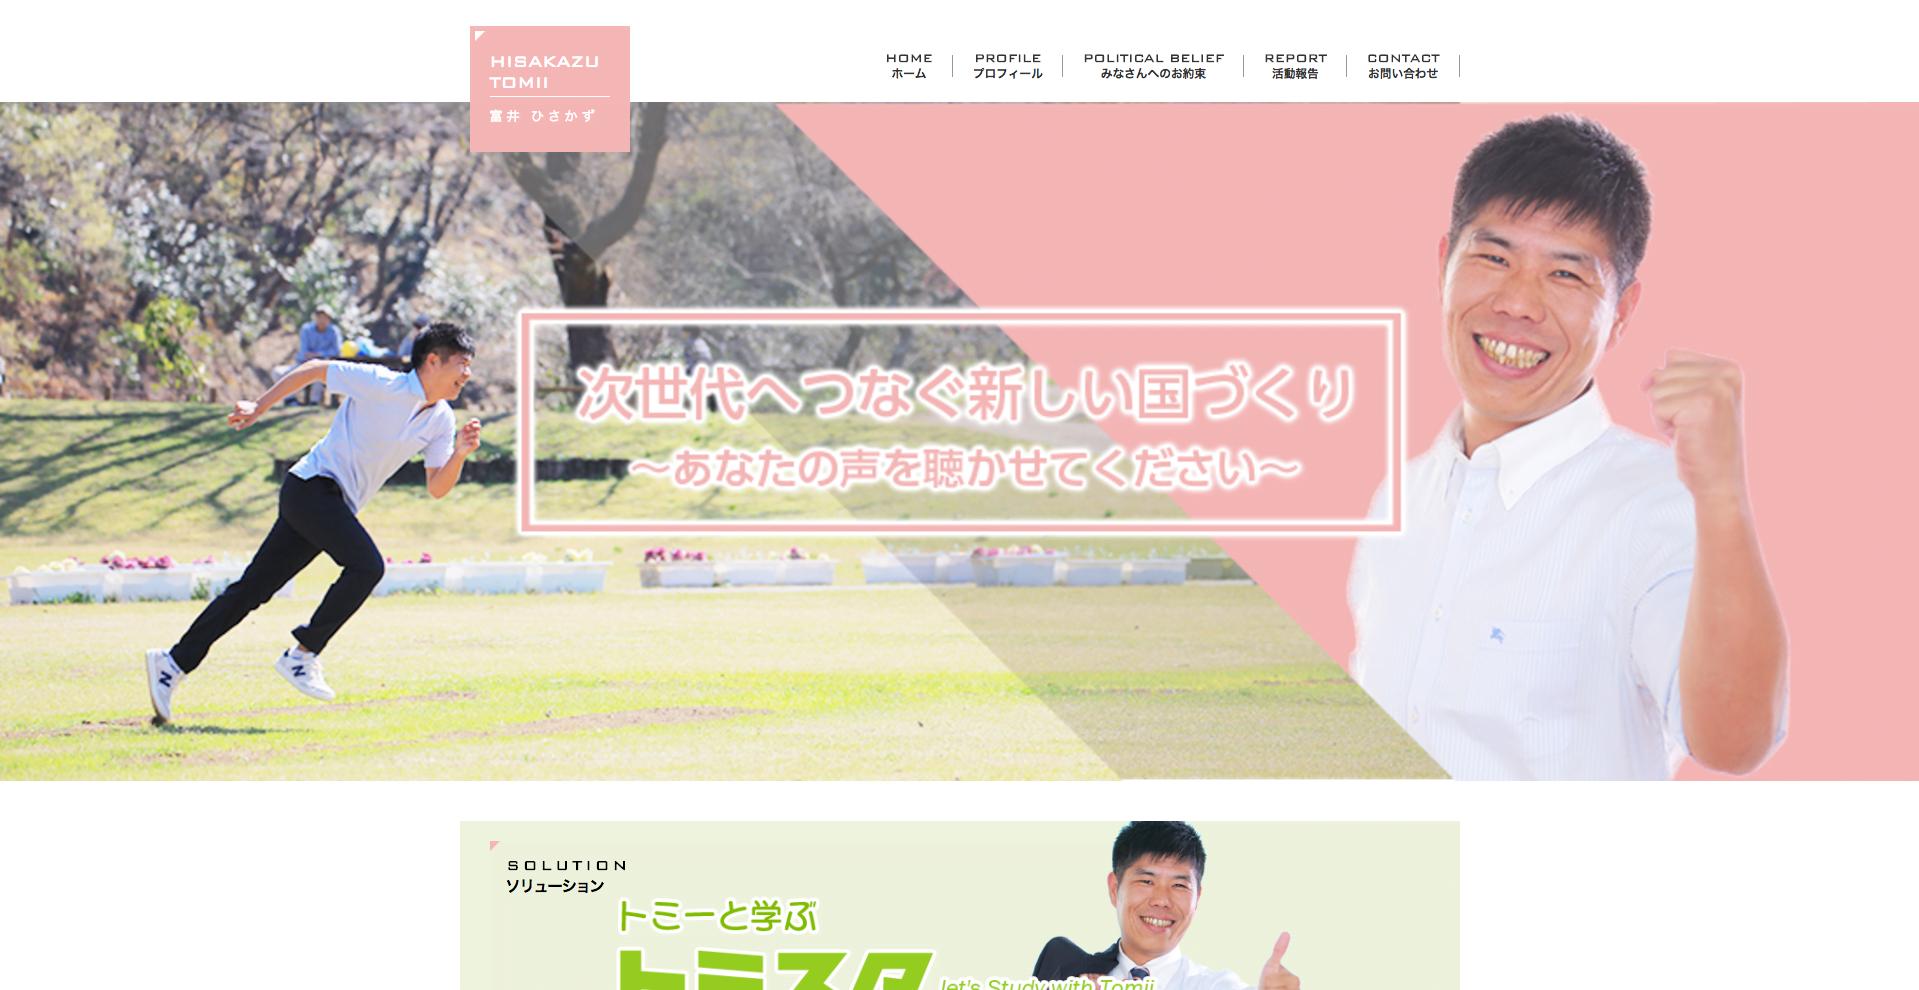 富井ひさかず【宮崎県日向市議会議員】オフィシャルサイト